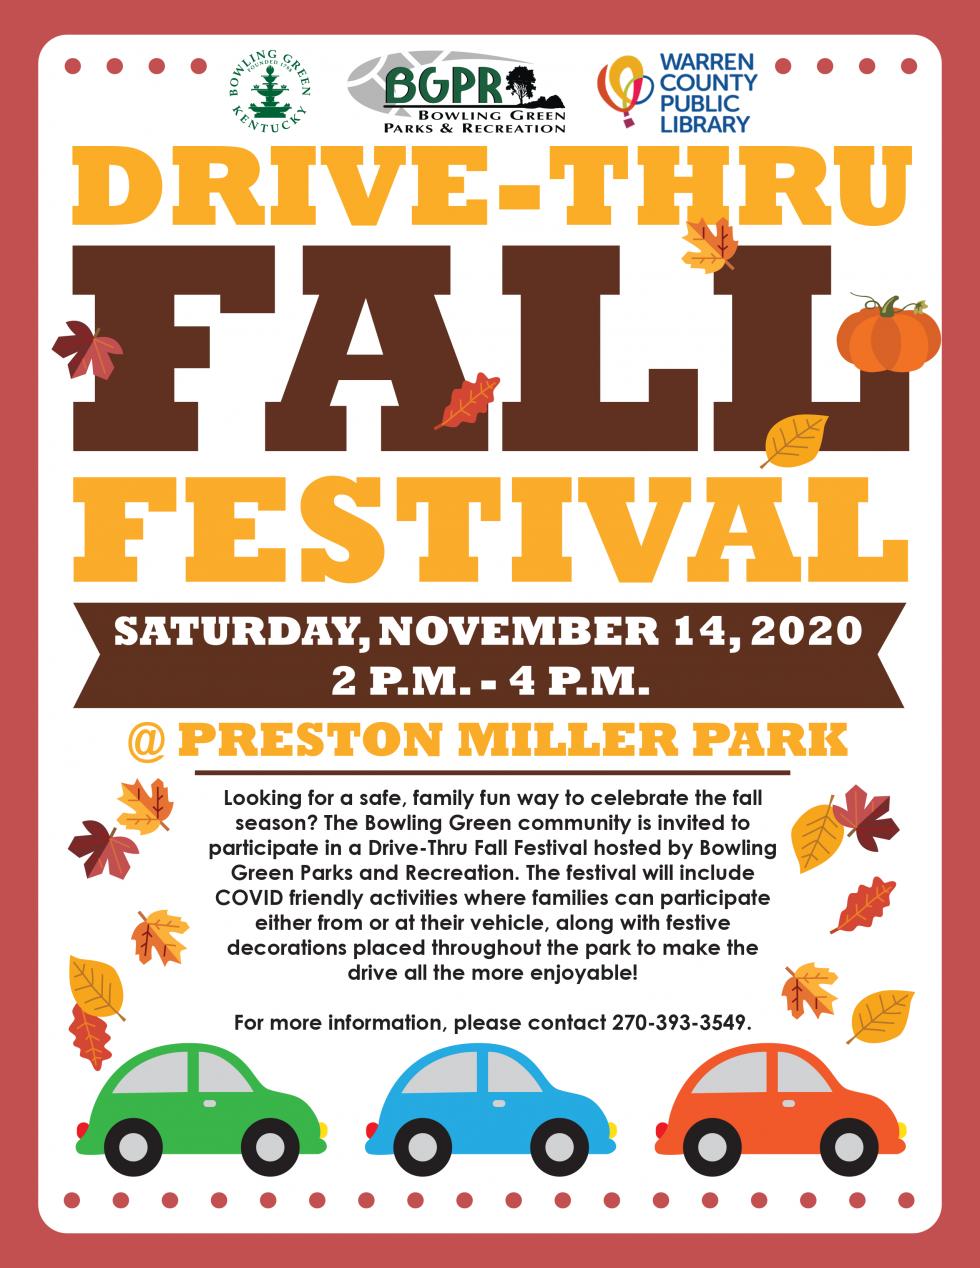 Drive Through Fall Festival Bowling Green Kentucky Official Municipal Website